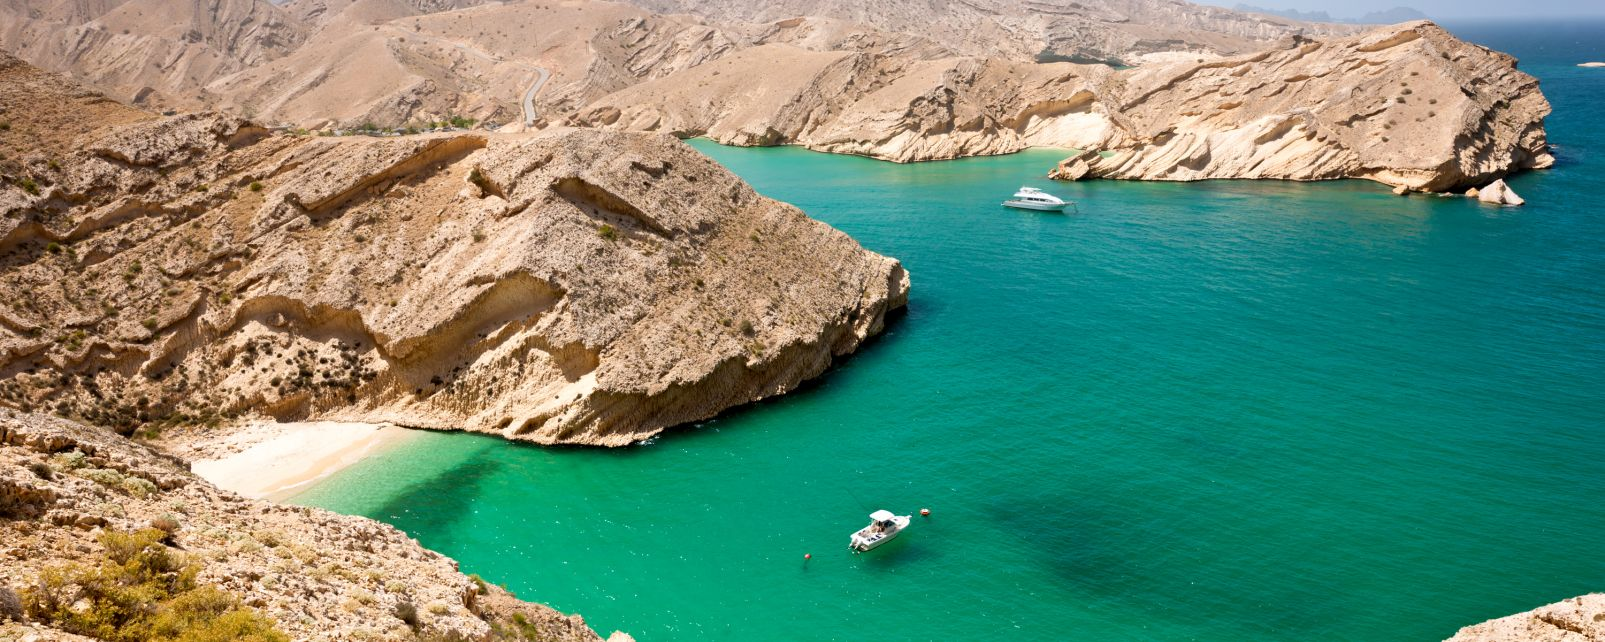 Les côtes, moyen-orient, proche-orient, oman, sultanat, golfe persique, golfe